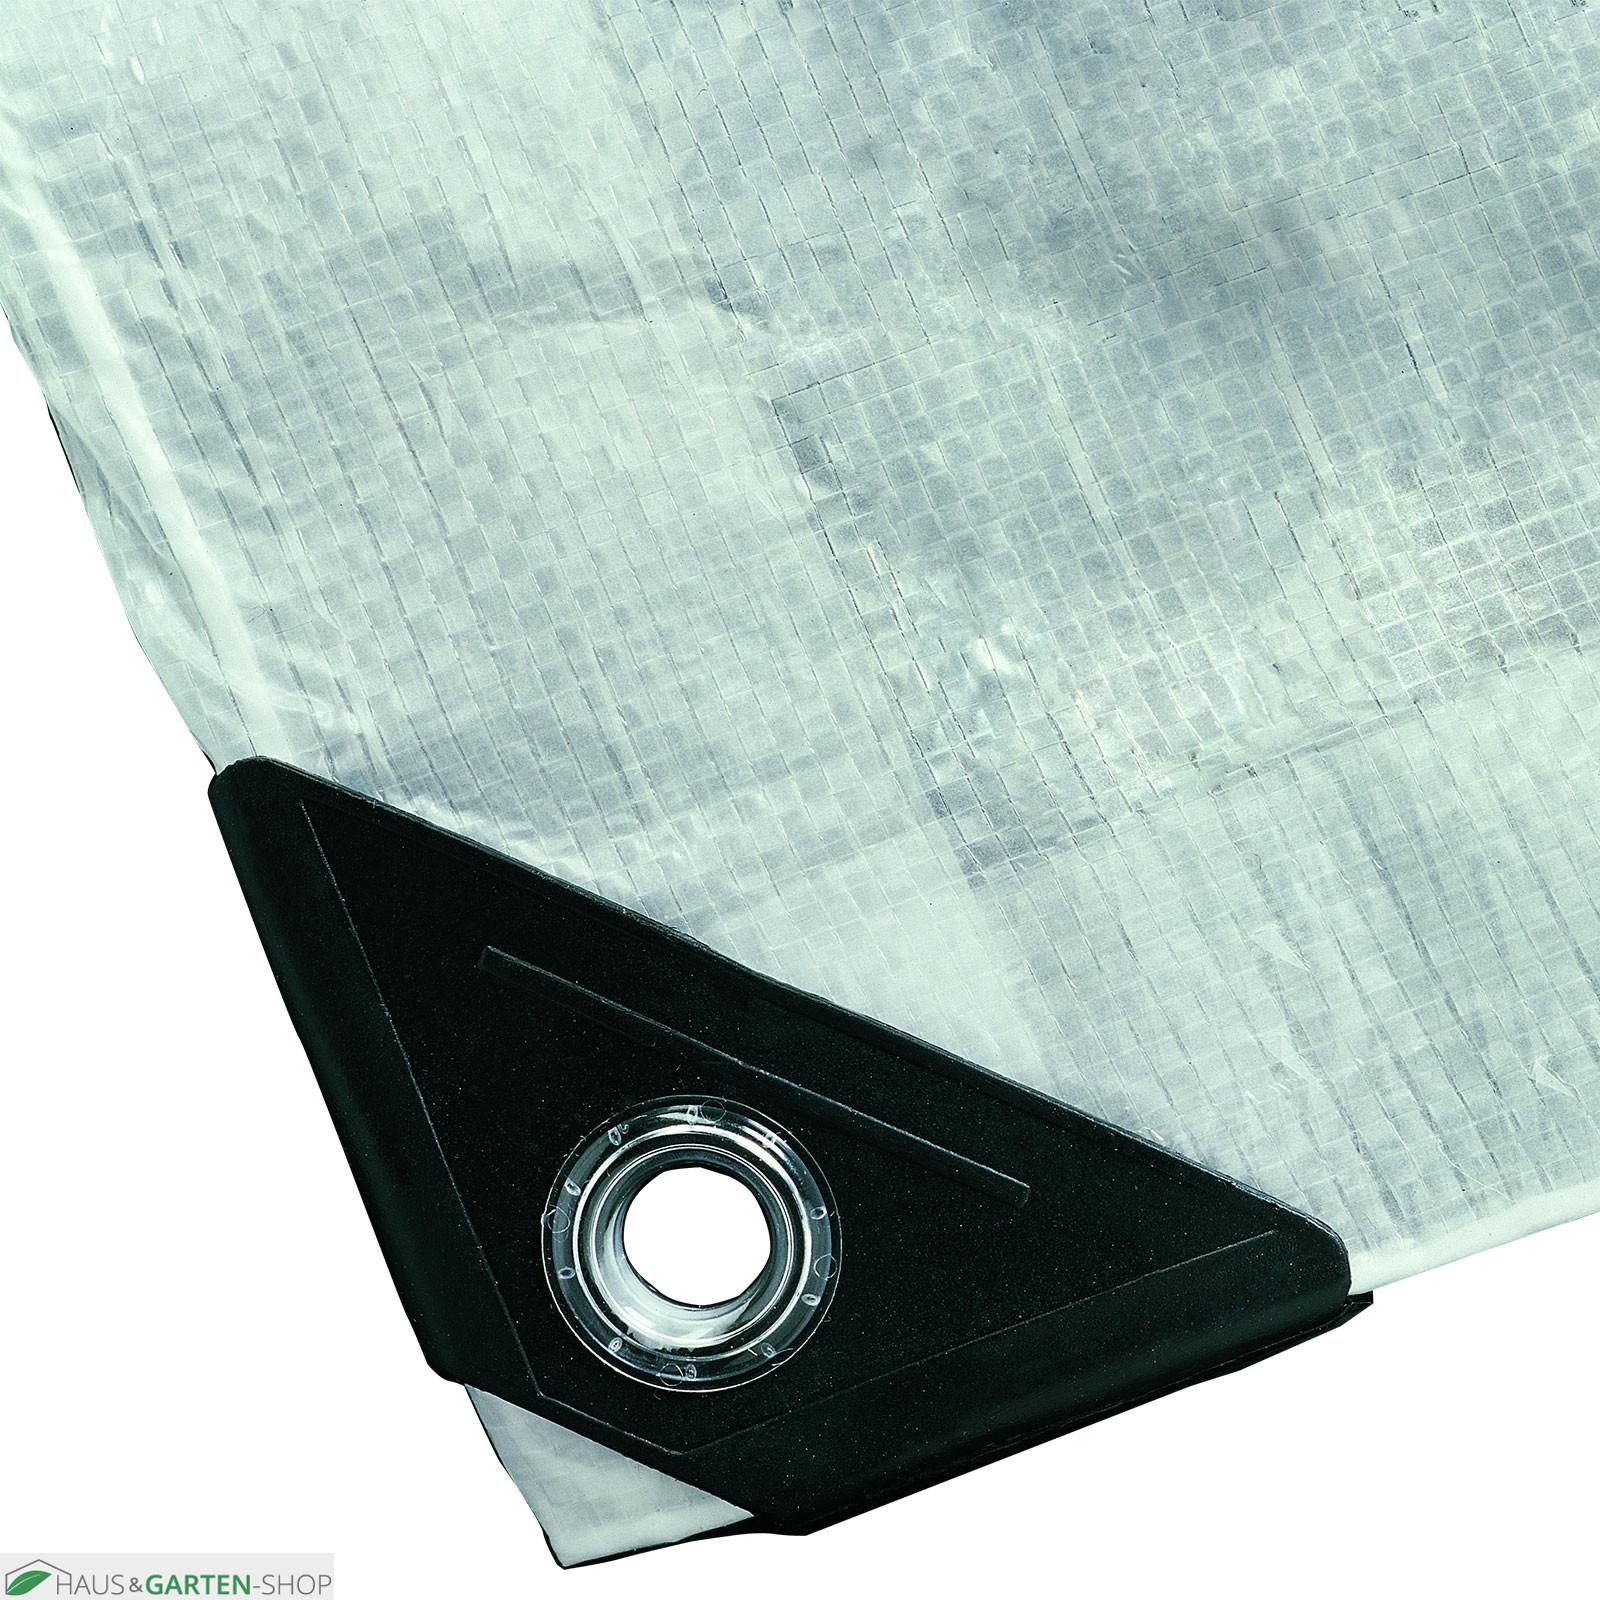 abdeckplane gewebe 200g m wei mit sen uv best ndig. Black Bedroom Furniture Sets. Home Design Ideas